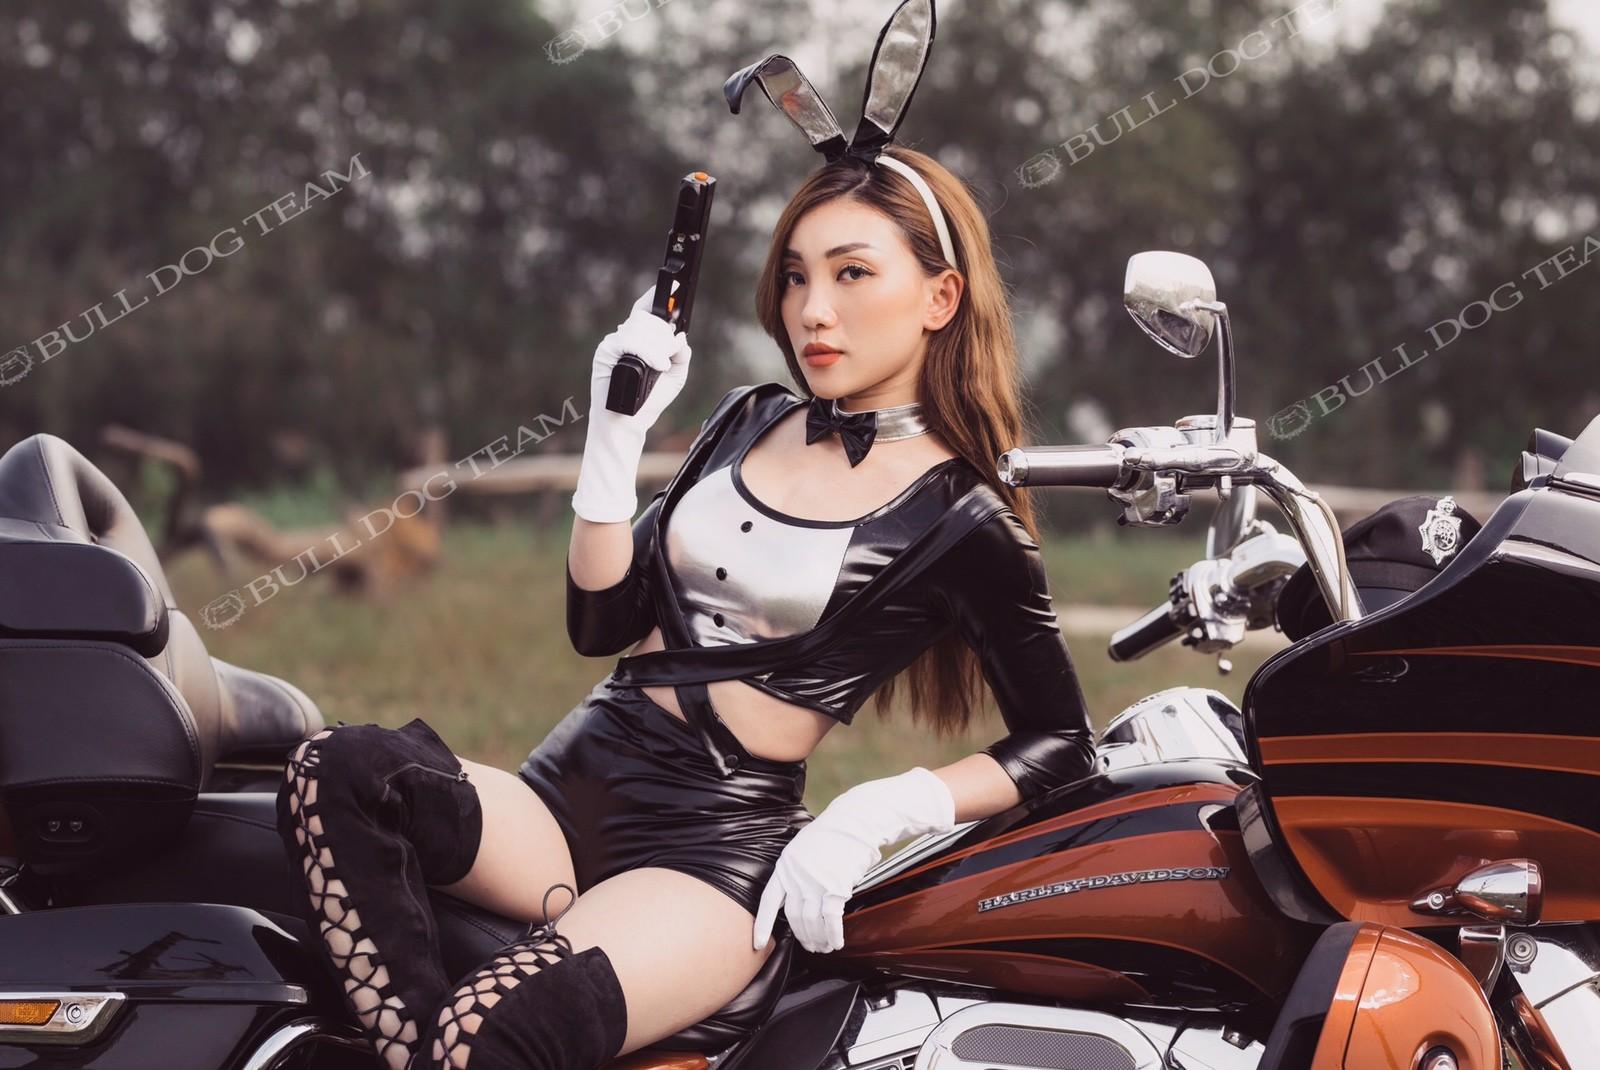 """Nữ chiến binh Thỏ so kè độ nóng bỏng với """"xế nổ"""" Harley-Davidson - 10"""